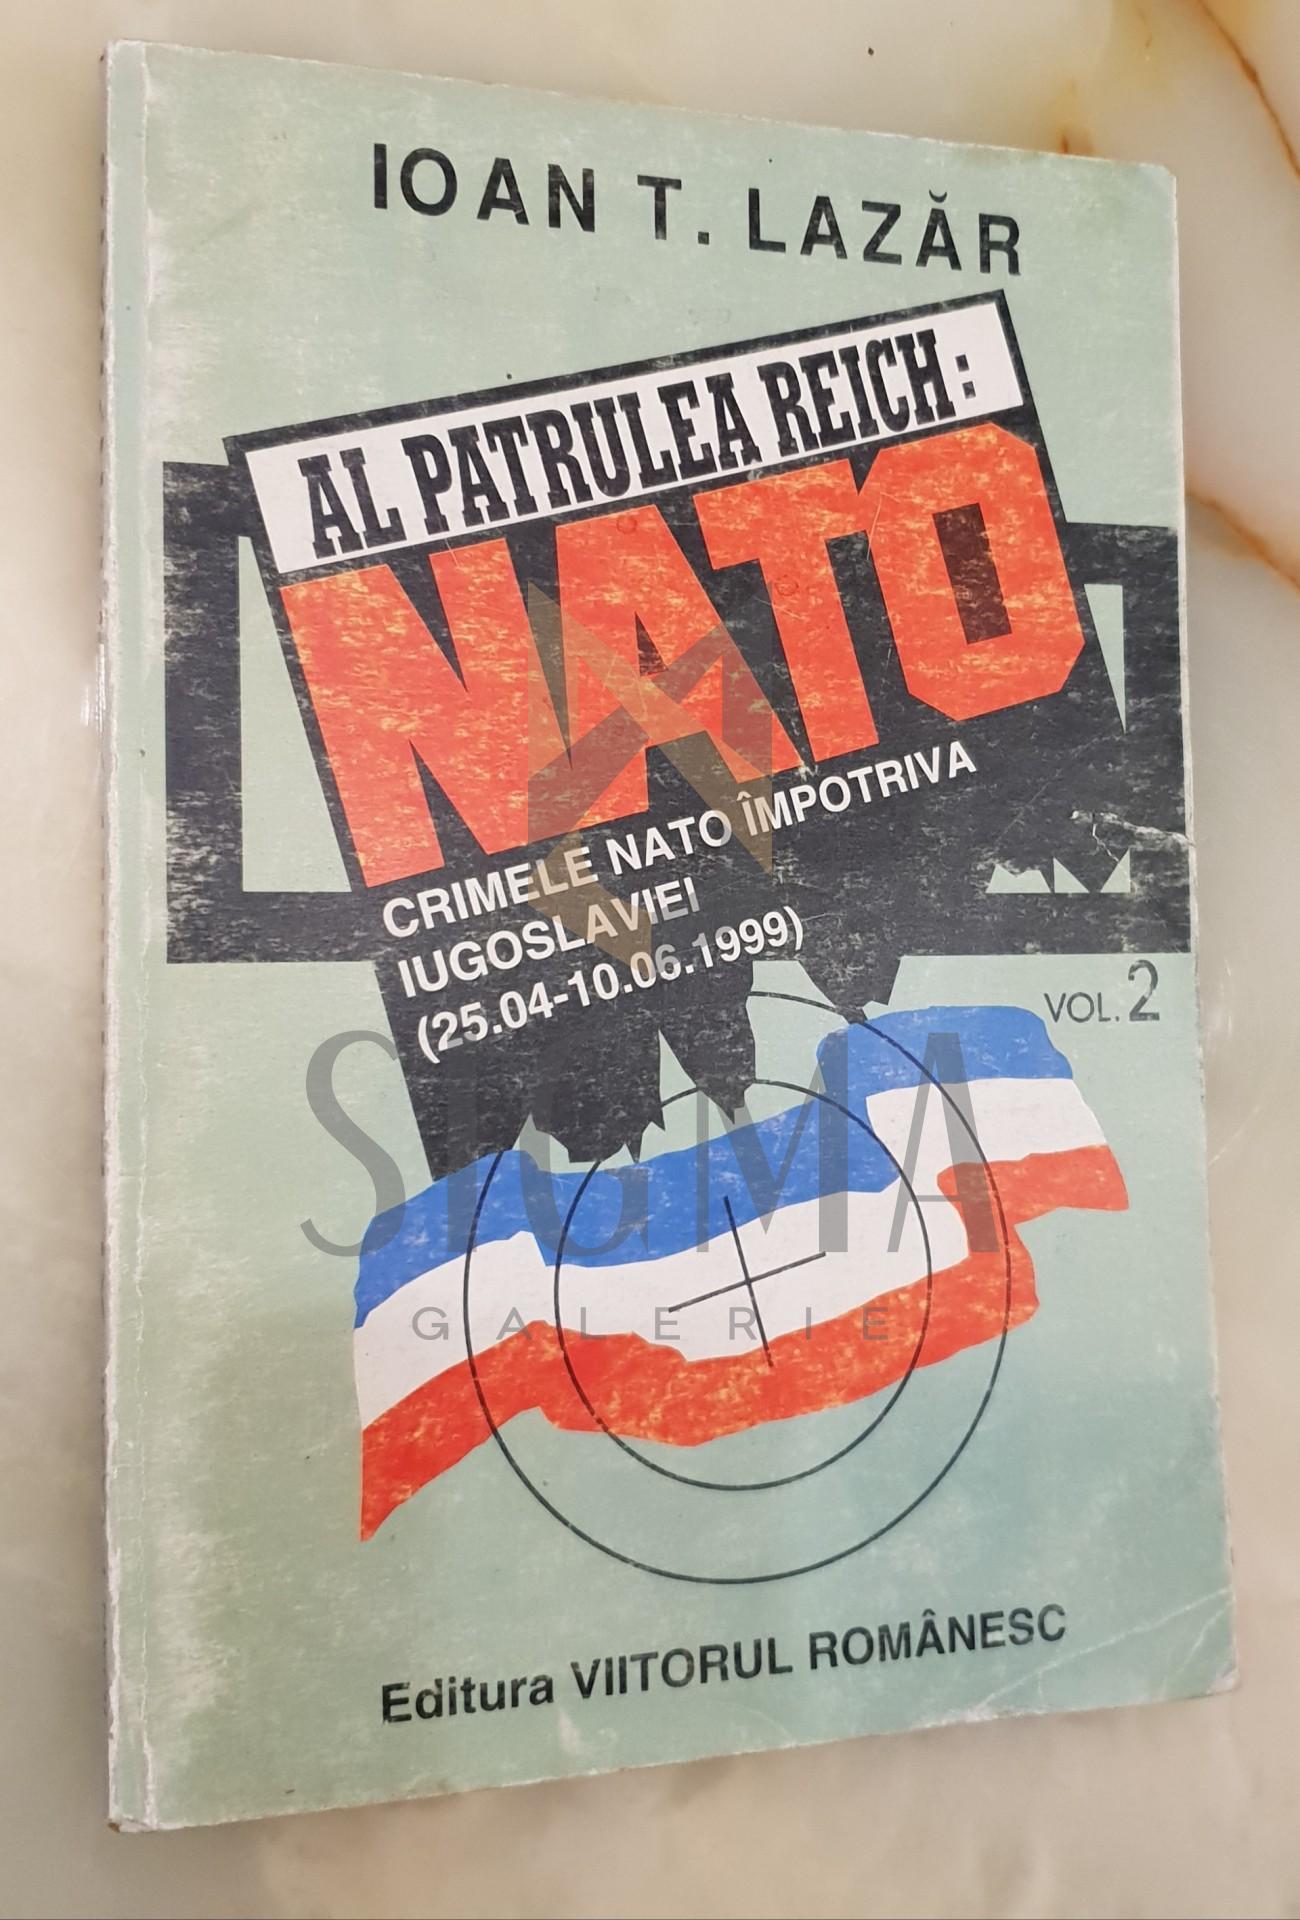 Al patrulea reich: NATO